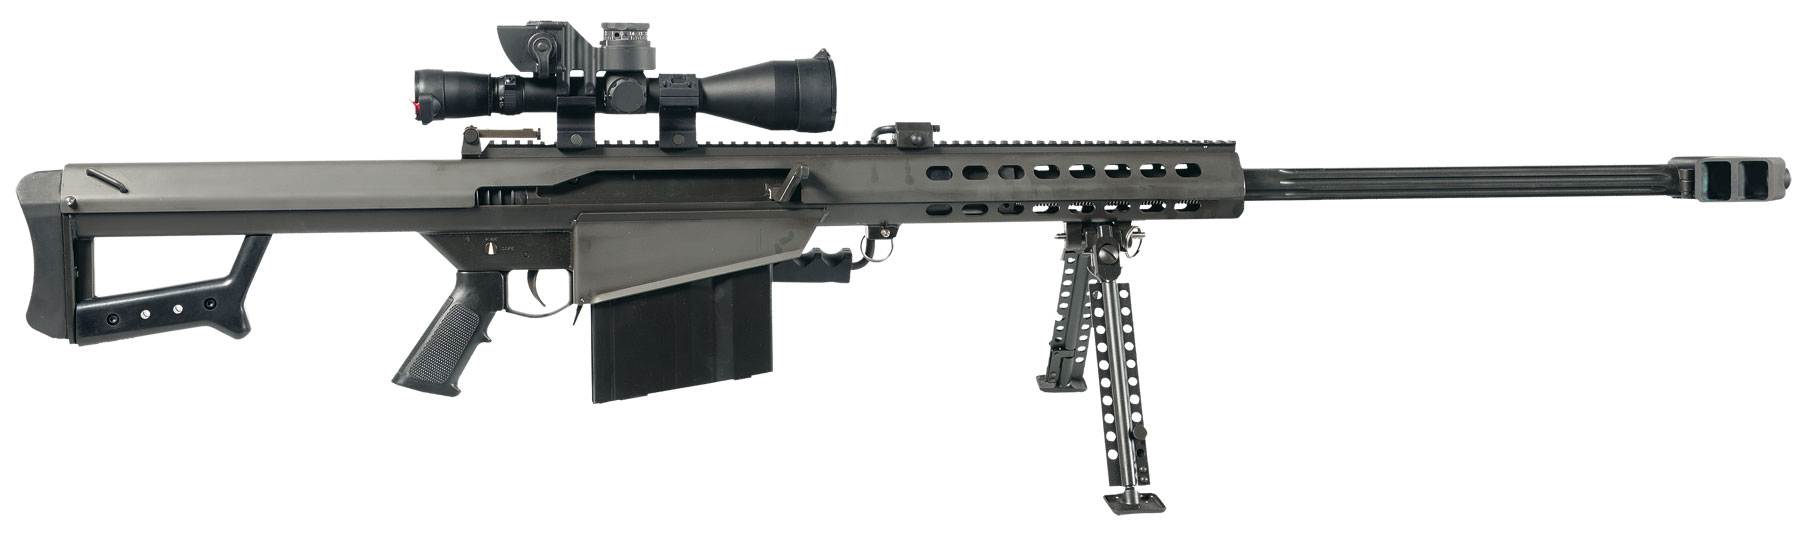 m82a1 Barrett